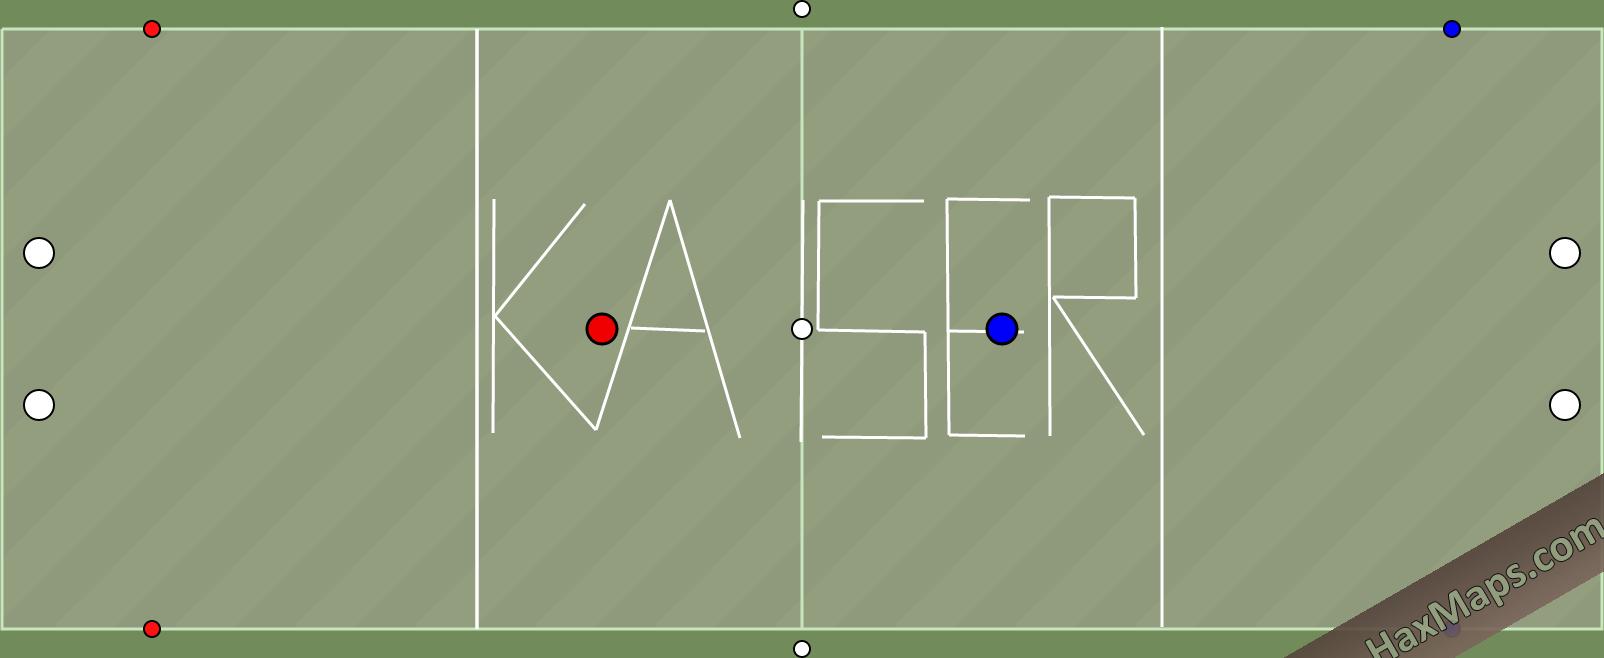 hax ball maps | il Rasdellafossa dedica al suo amico Kaiser questa mappa di Rugby